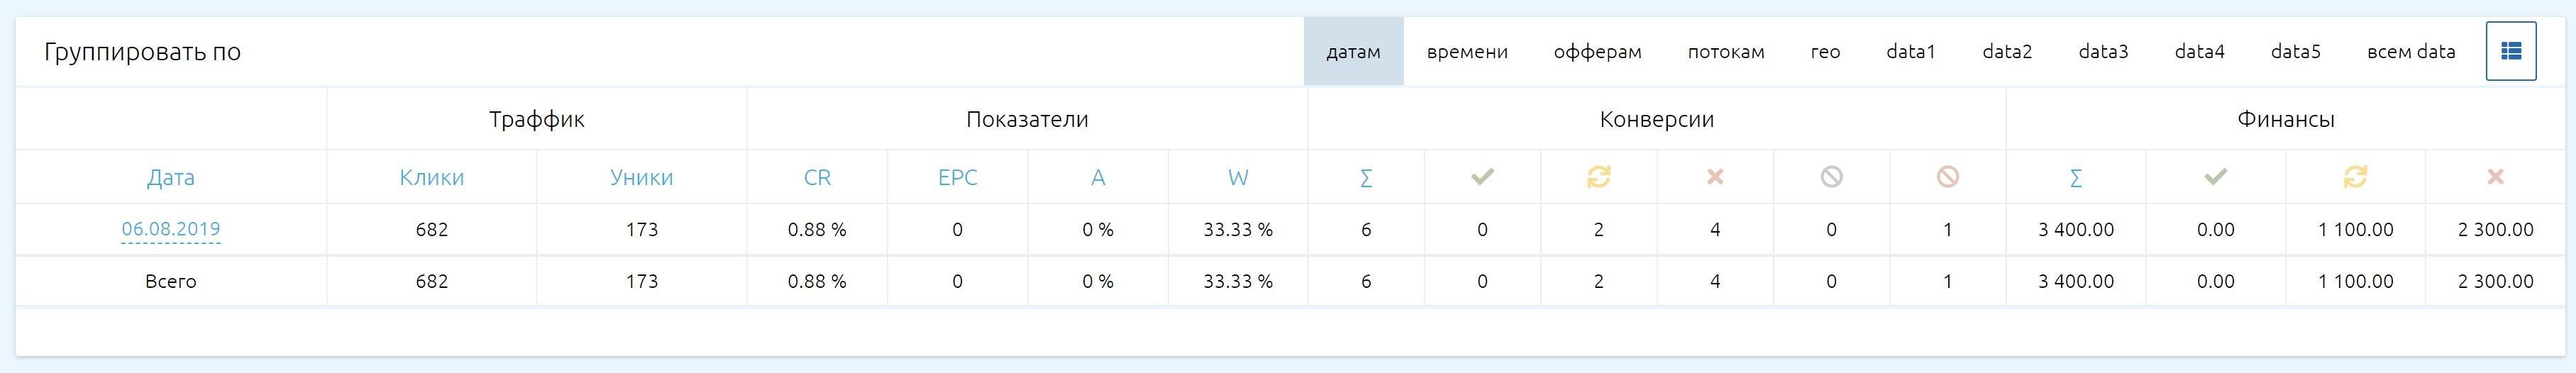 статистика с kma.biz